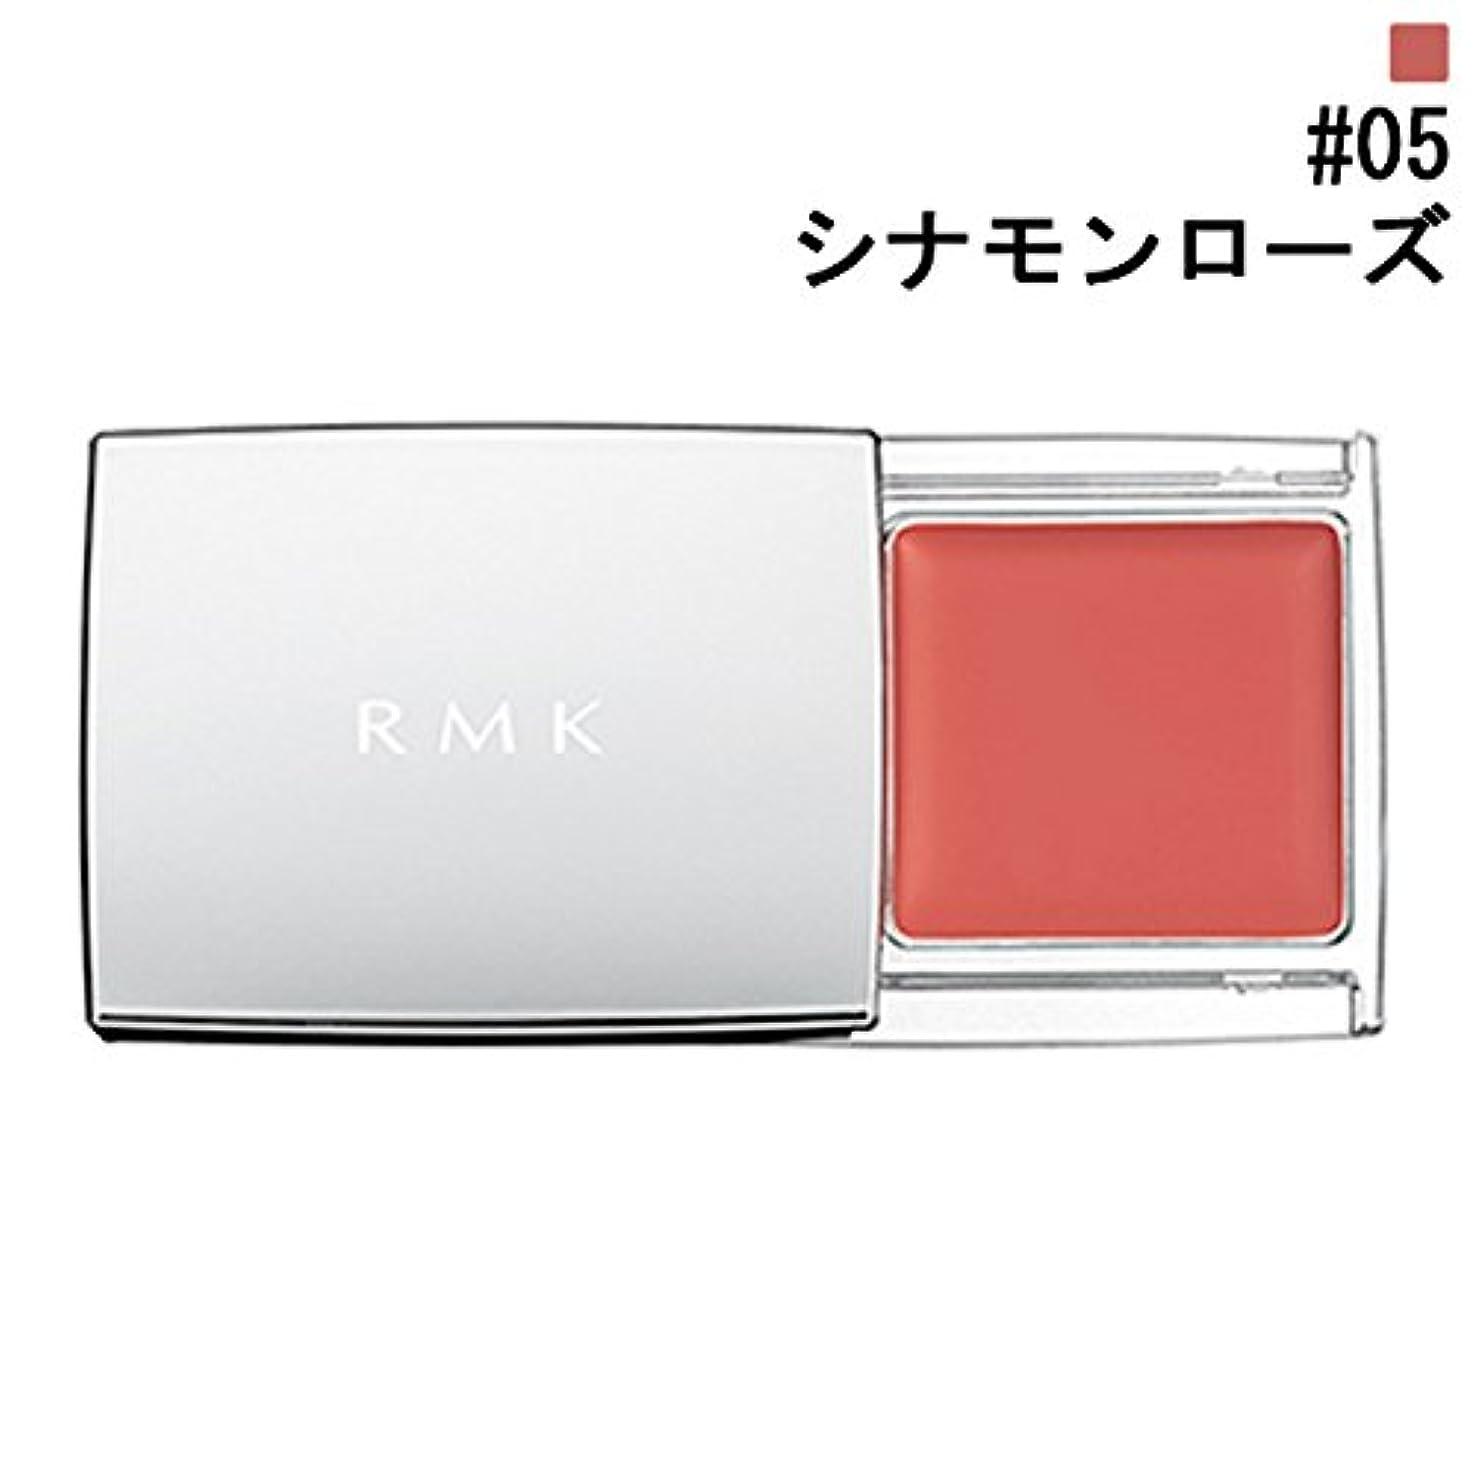 【RMK (ルミコ)】RMK マルチペイントカラーズ #05 シナモンローズ 1.5g